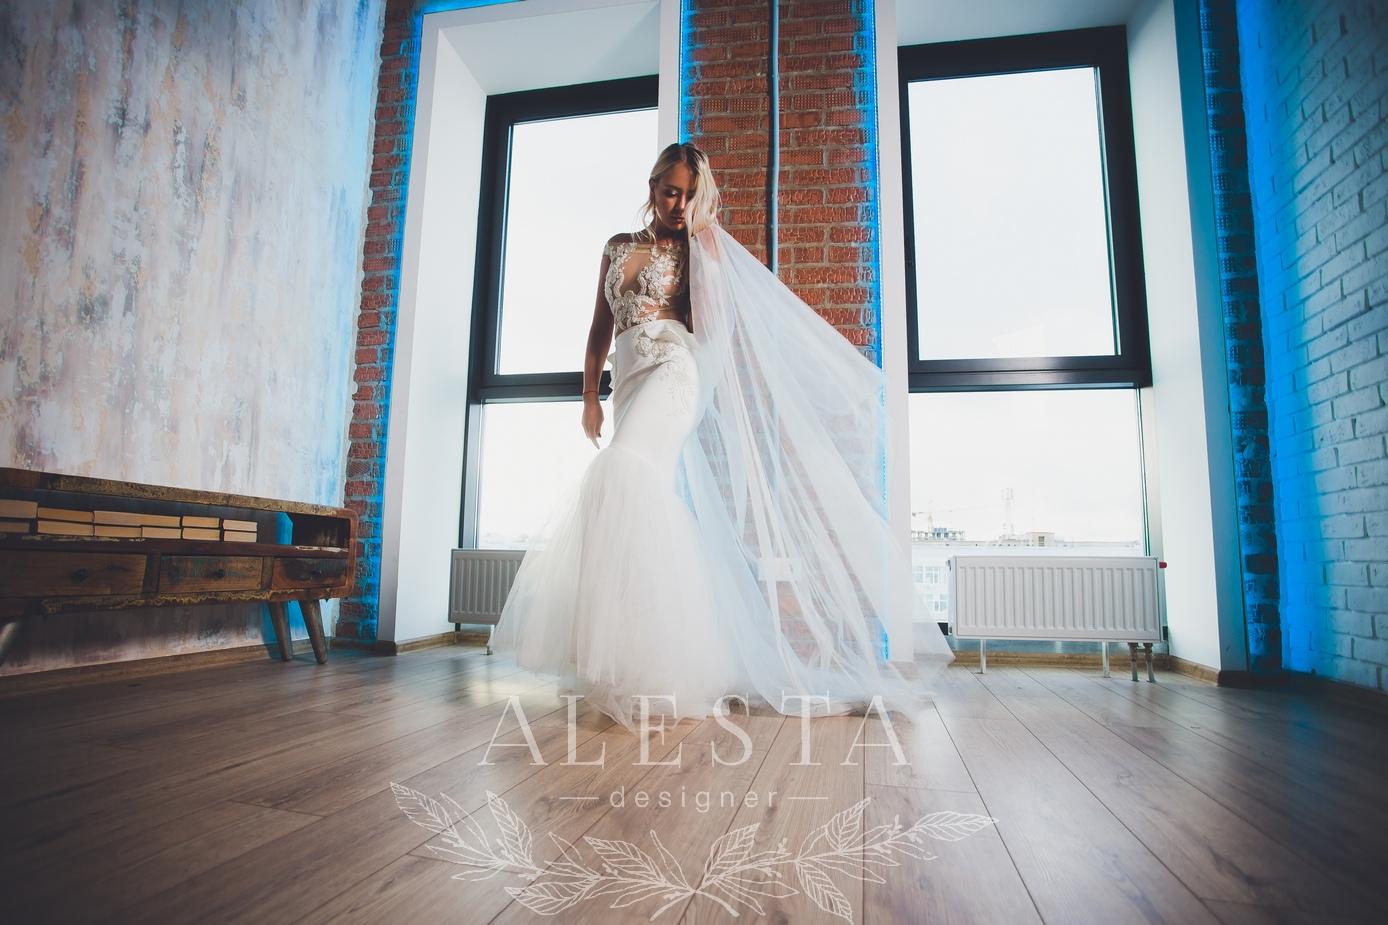 Как будет выглядеть ваше платье я знаю уже до первой примерки, когда мы уже обсудили крой и выбрали ткани, я хорошо представляю результат, а вы увидите своё платье наполовину готовым уже на первой примерке.